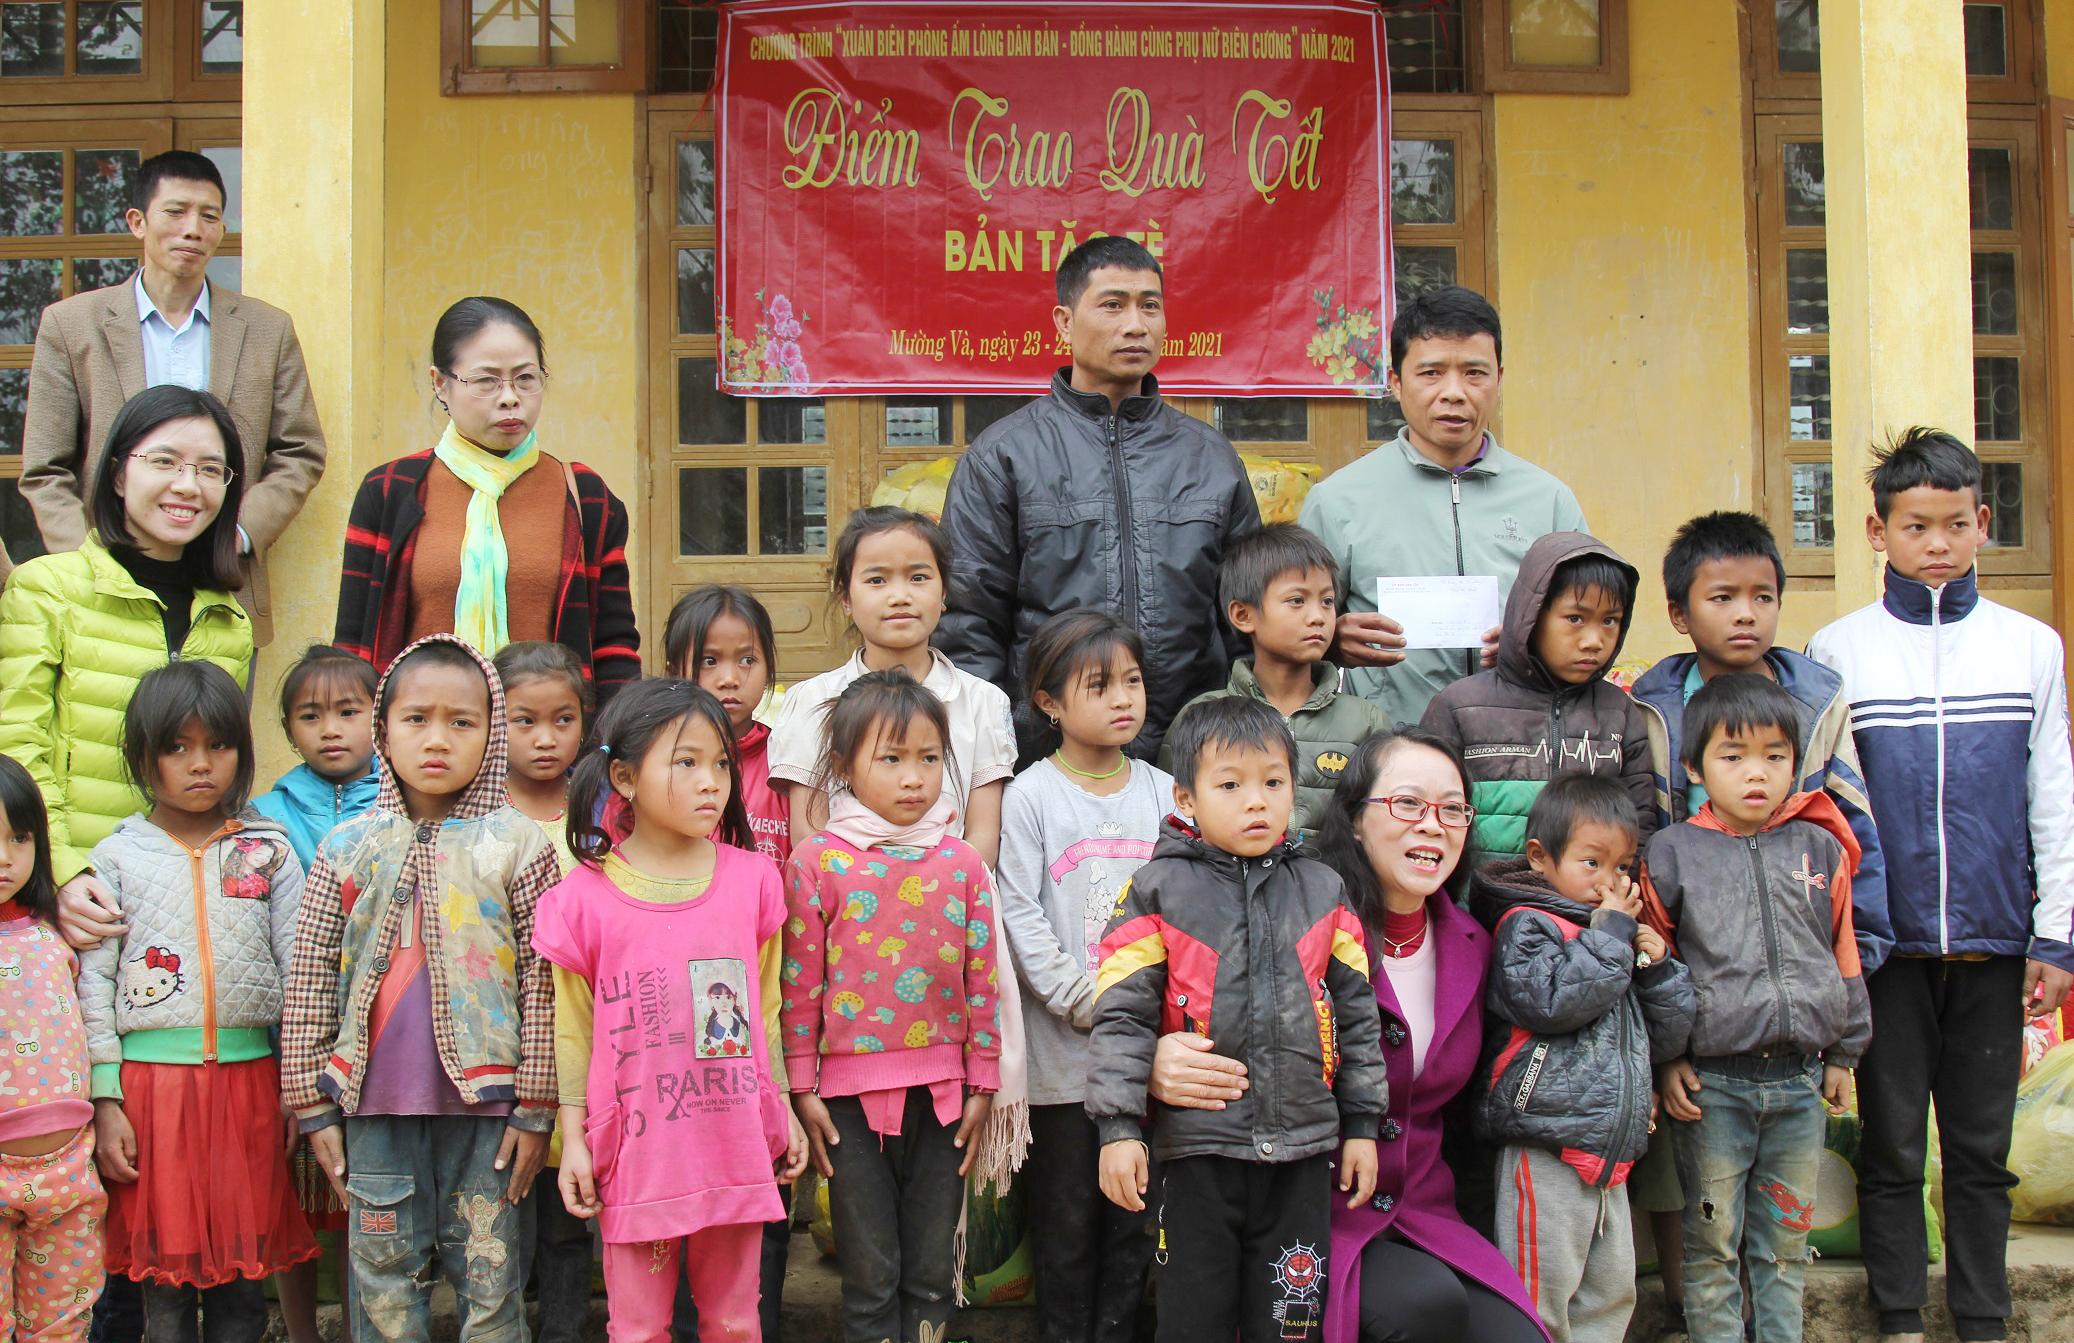 Thứ trưởng, Phó Chủ nhiệm Hoàng Thị Hạnh trao tặng số tiền để mua áo khoác mùa đông và giày cho trẻ em bản Tặc Tè